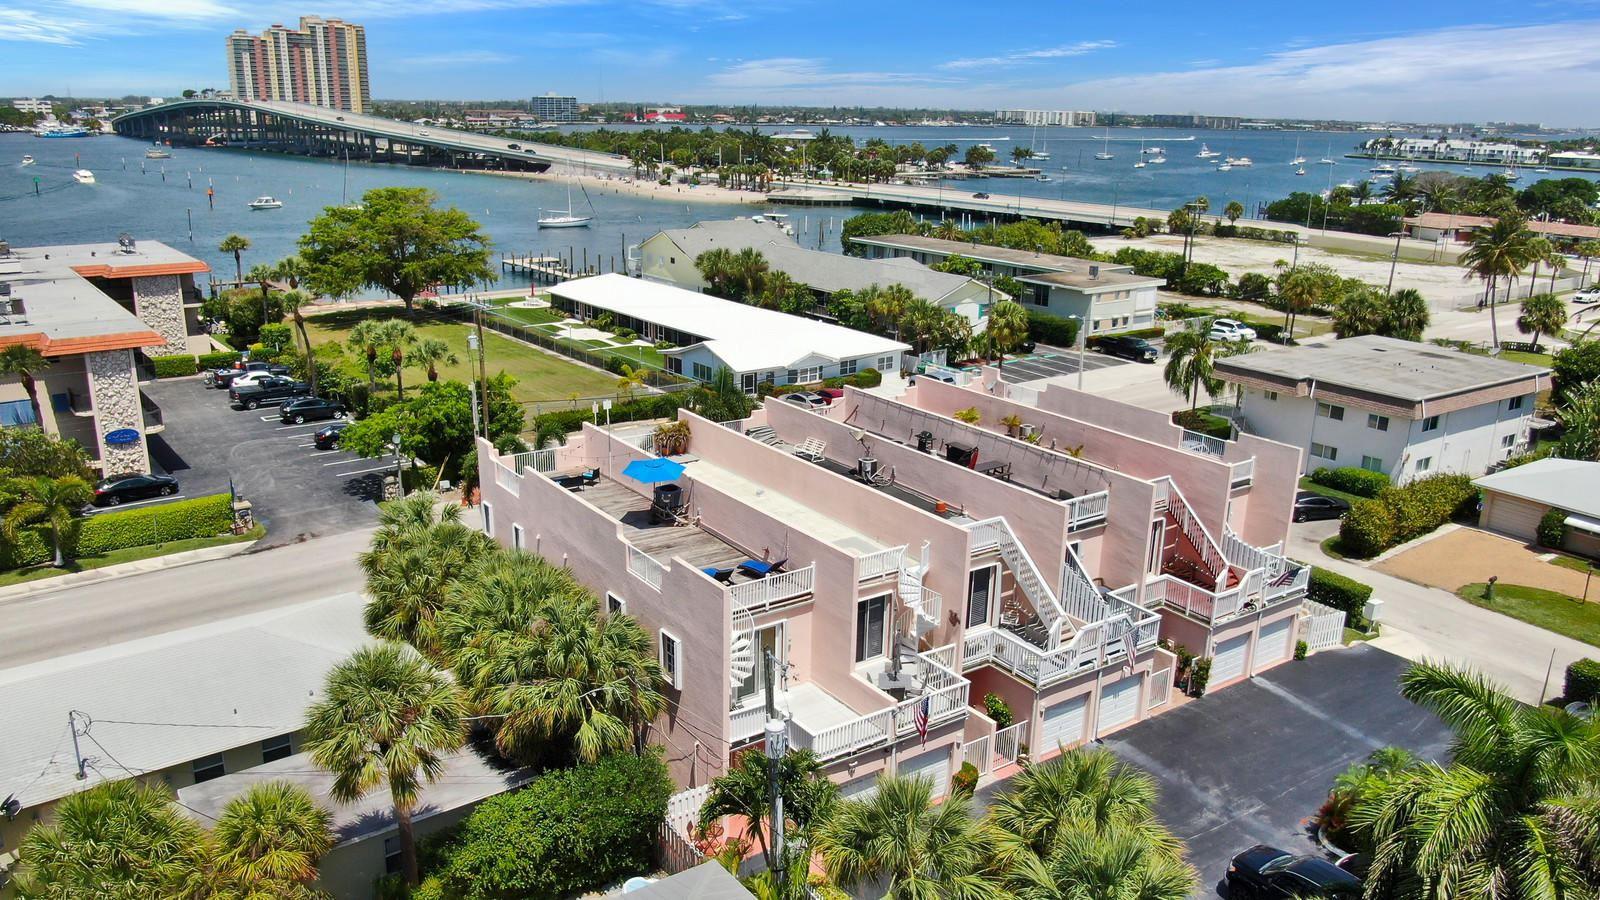 Photo of 1101 Beach Road #F, Palm Beach Shores, FL 33404 (MLS # RX-10624866)